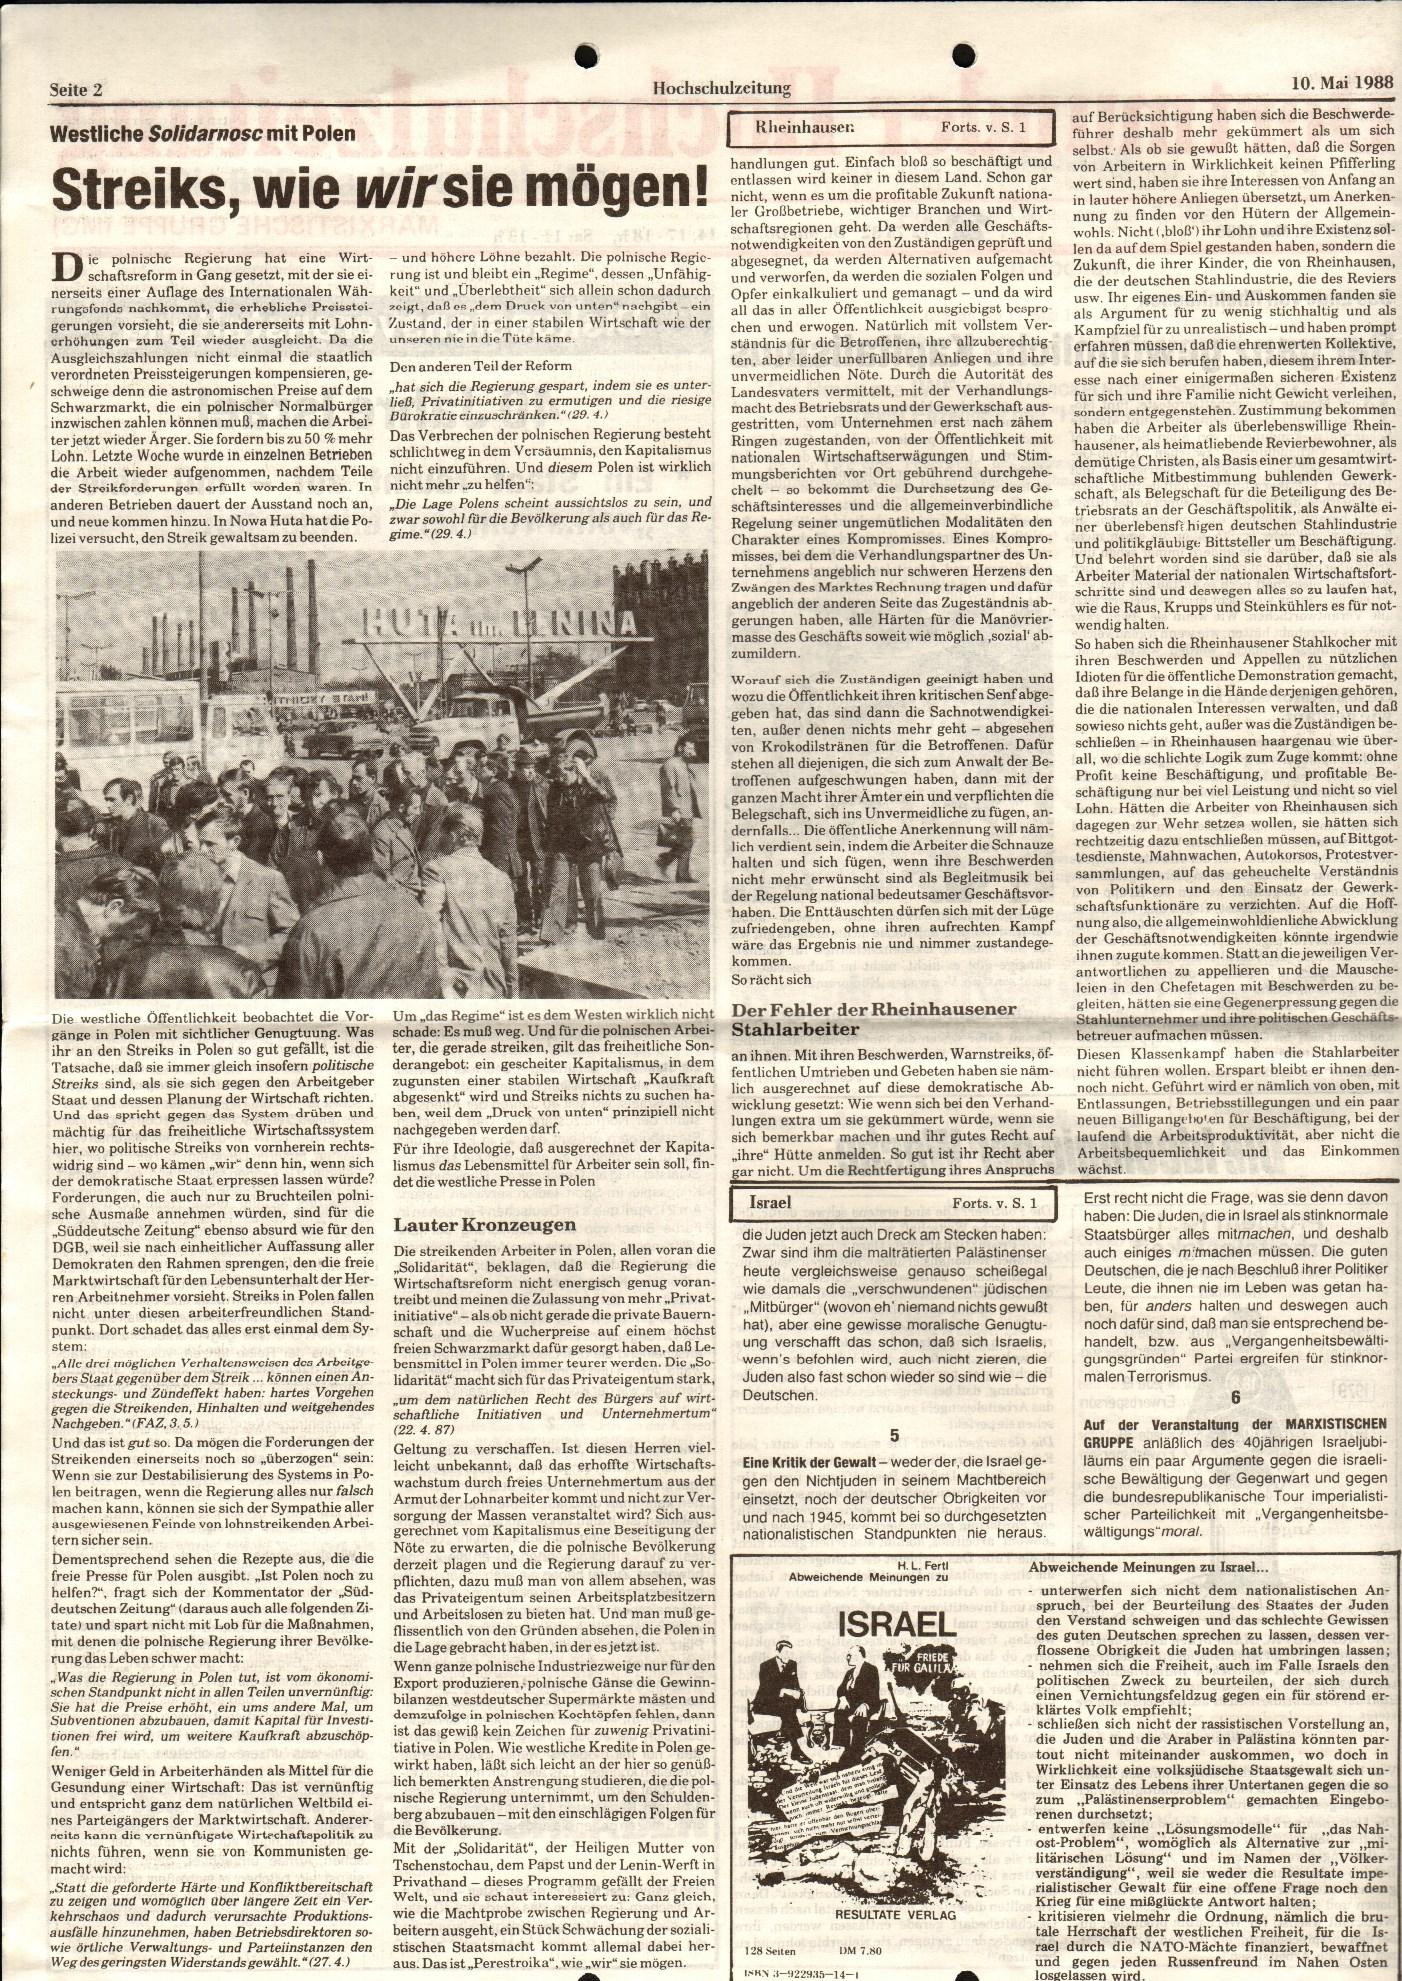 MG_Dortmunder_Hochschulzeitung_19880510_02